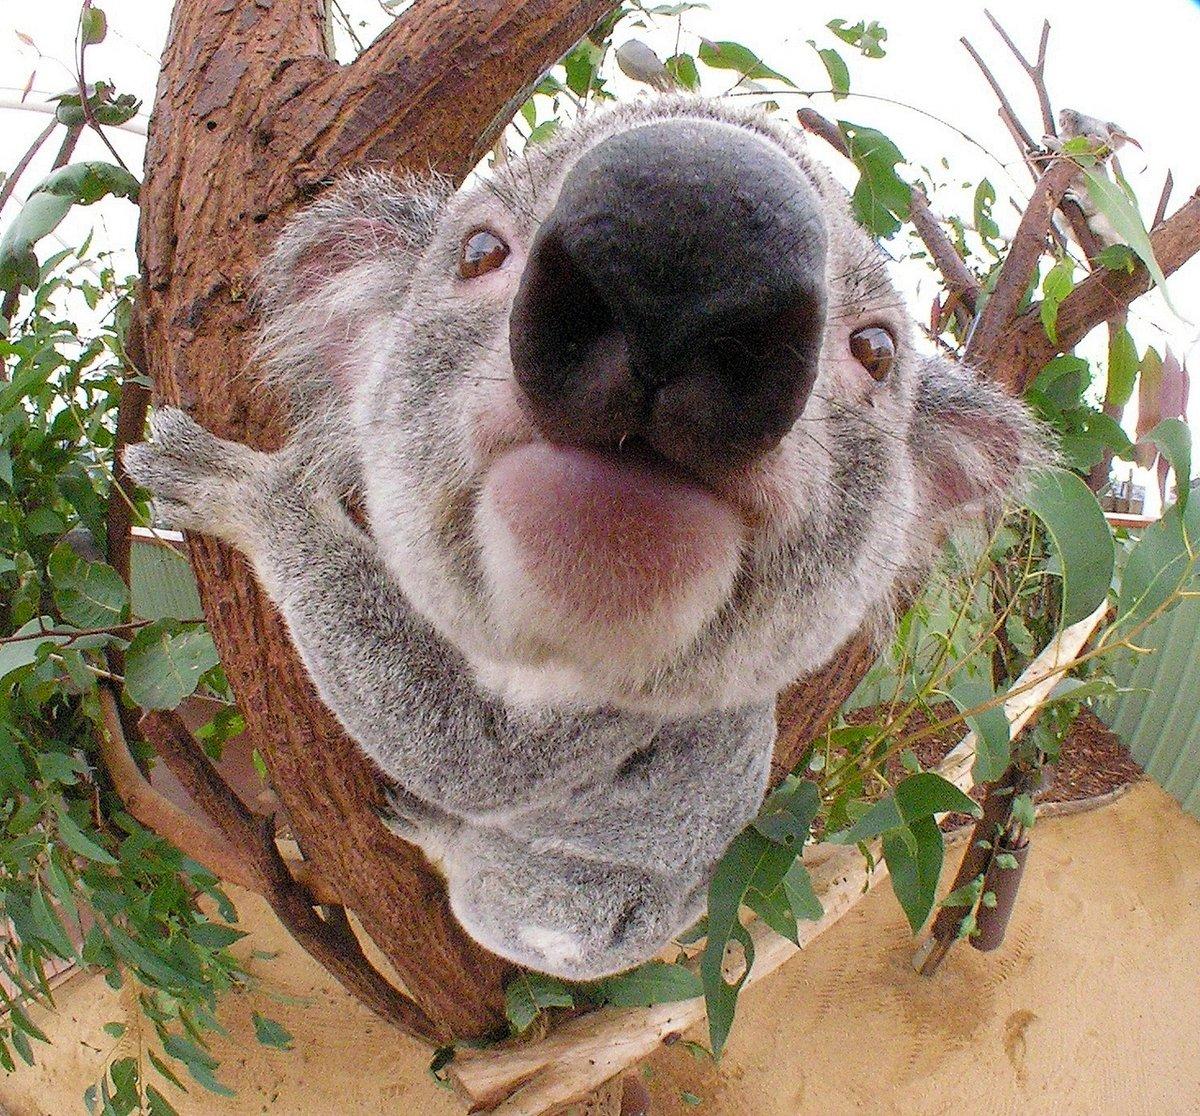 Прикольные картинки с коала, обожаю